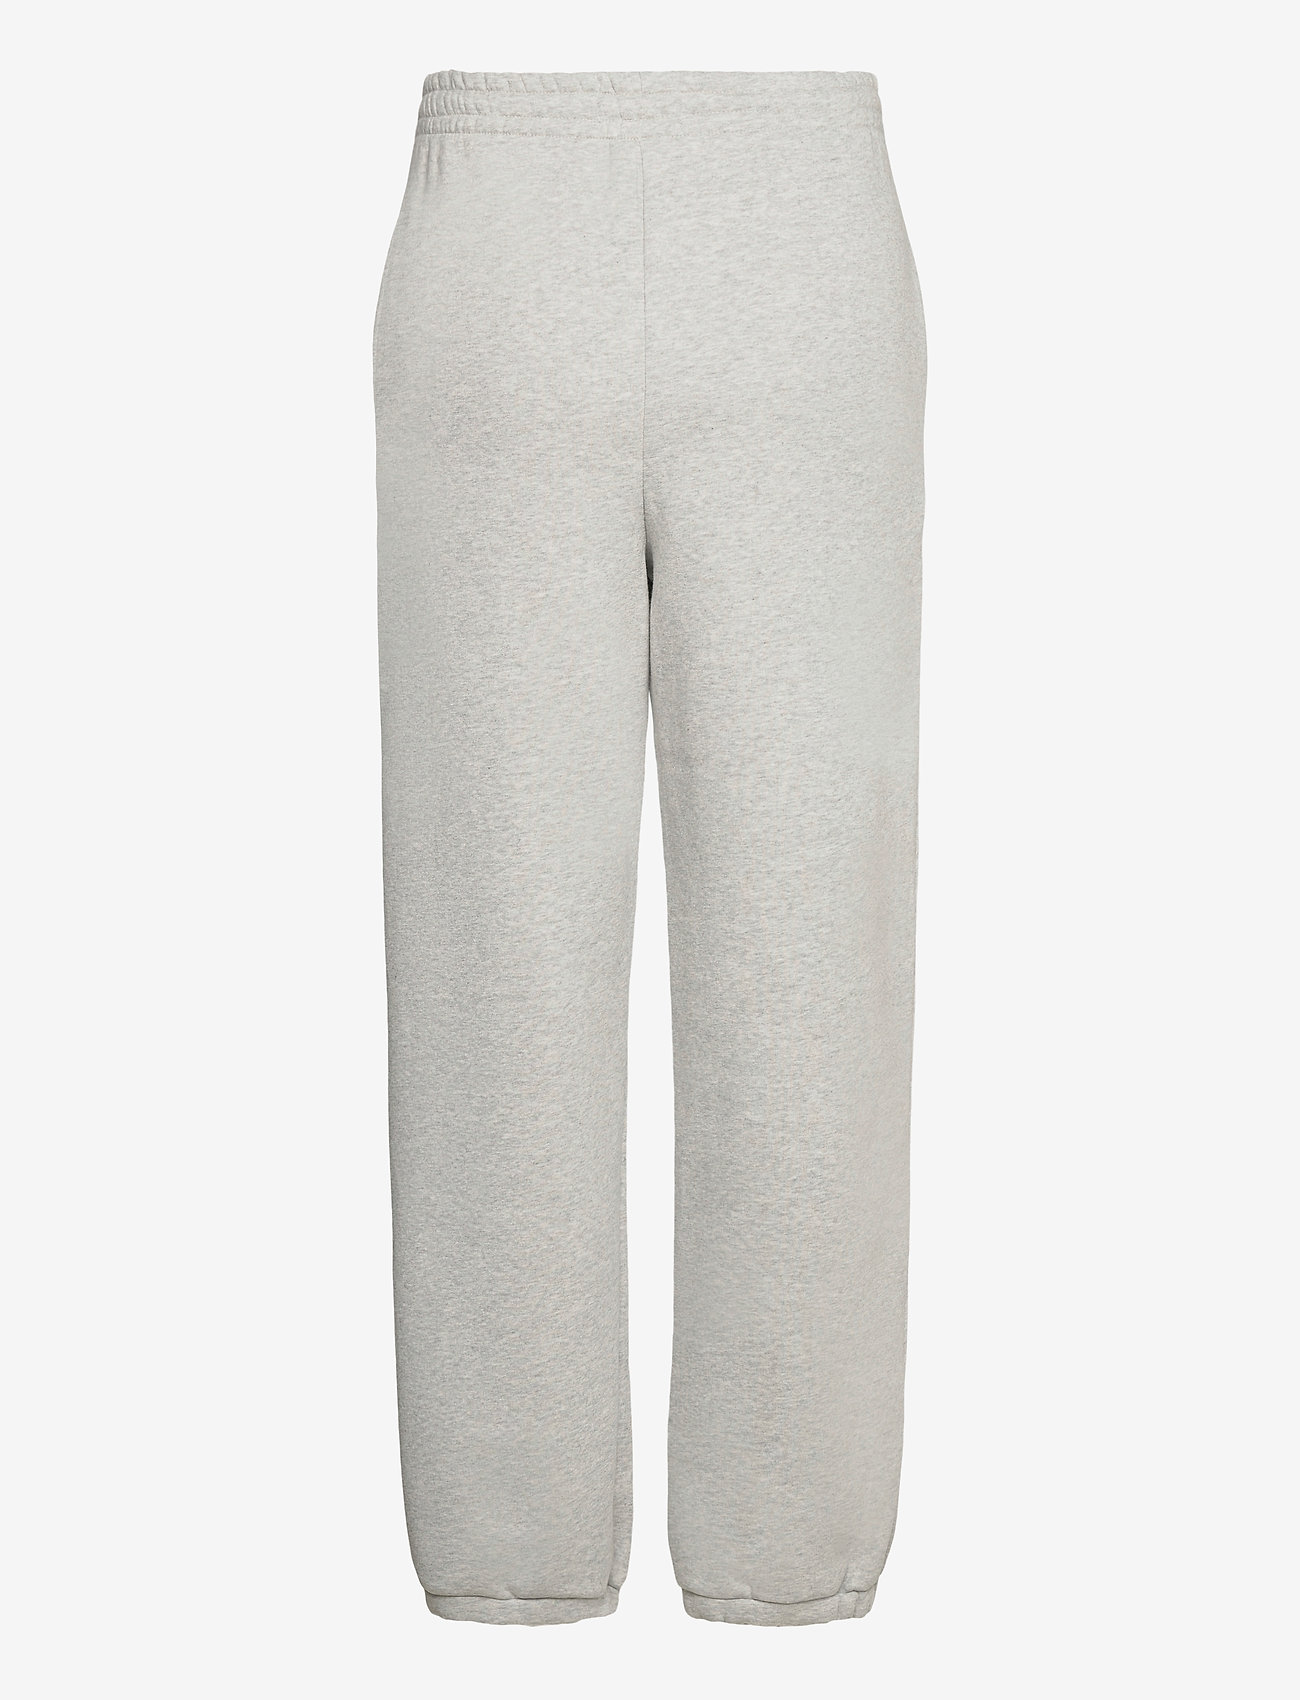 Gestuz - RubiGZ HW pants NOOS - sweatpants - grey melange - 1